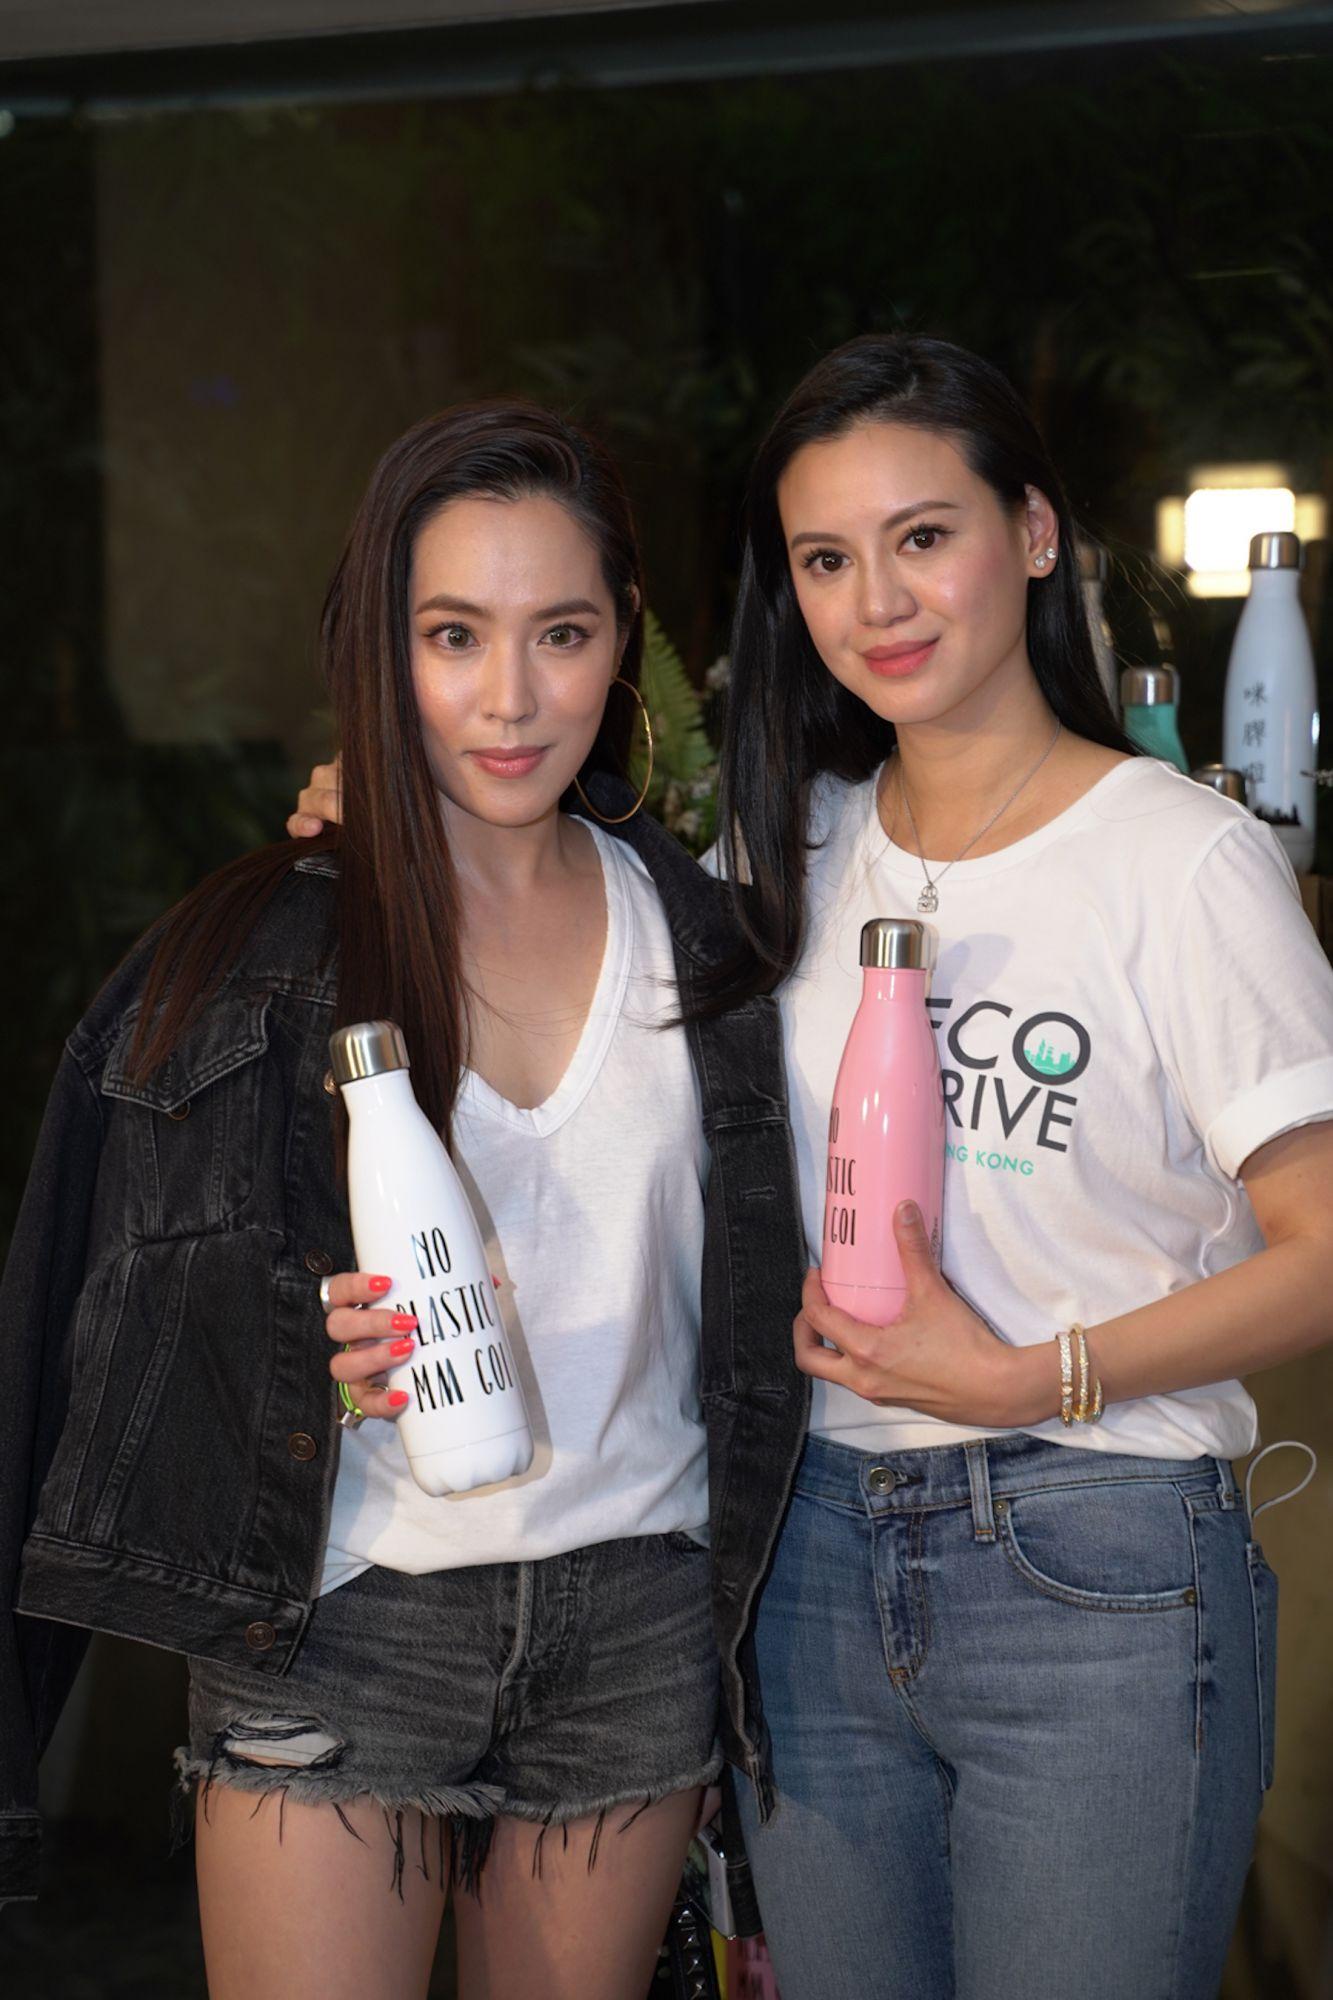 Arissa Cheo, Emily Lam-Ho